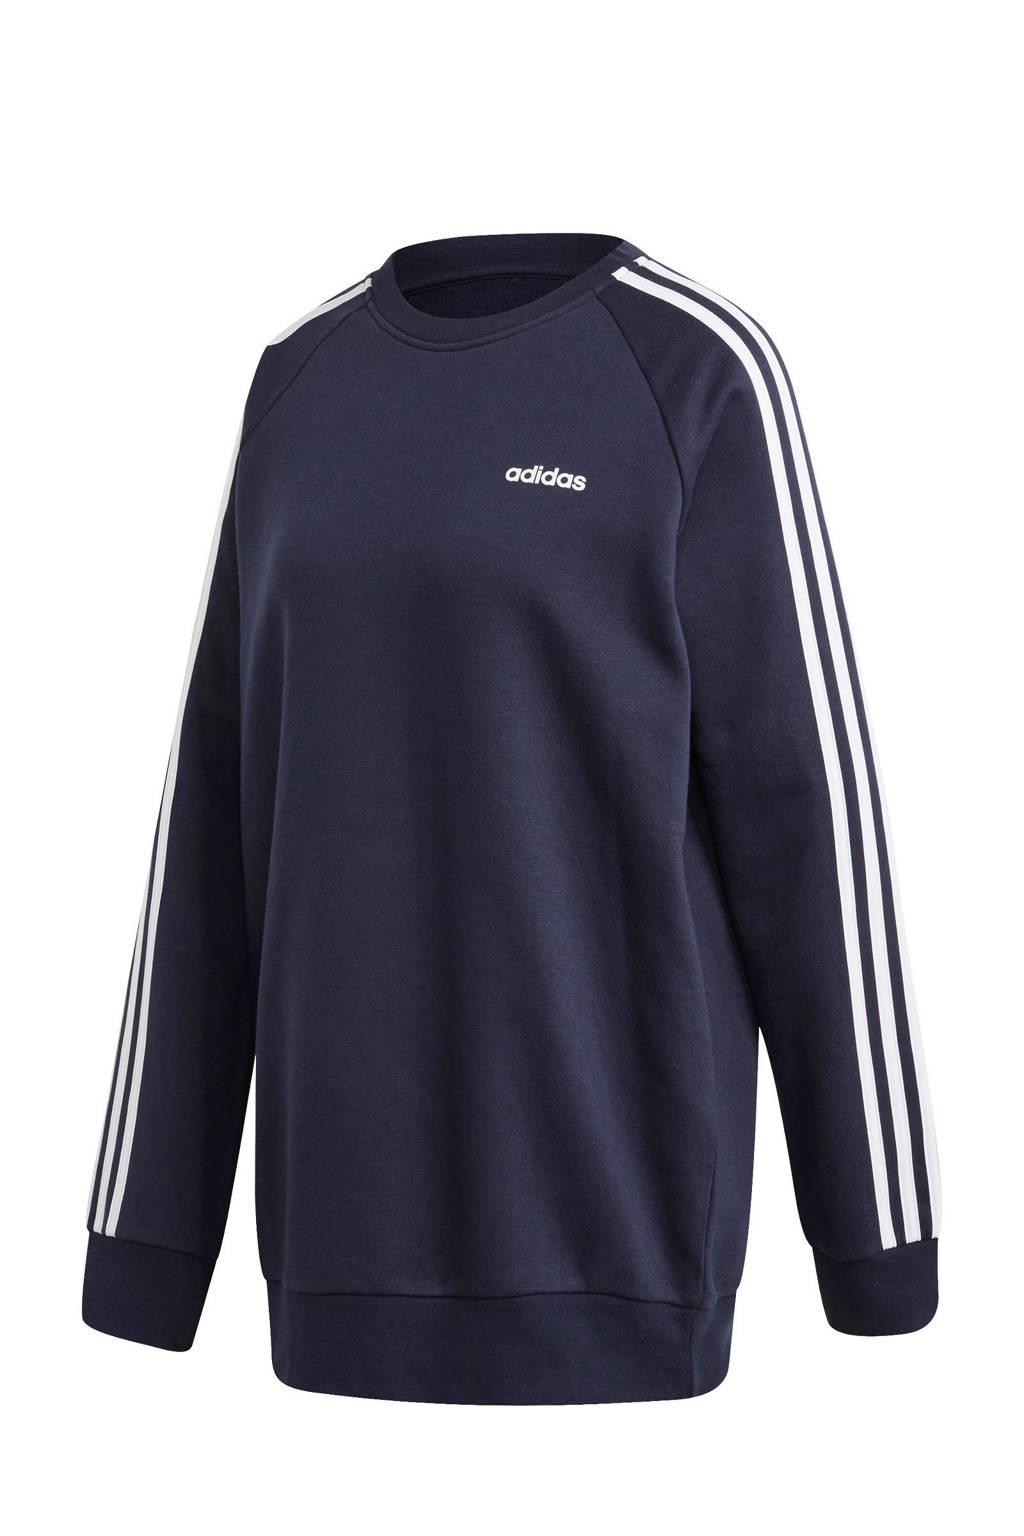 adidas Performance sportsweater donkerblauw, Donkerblauw